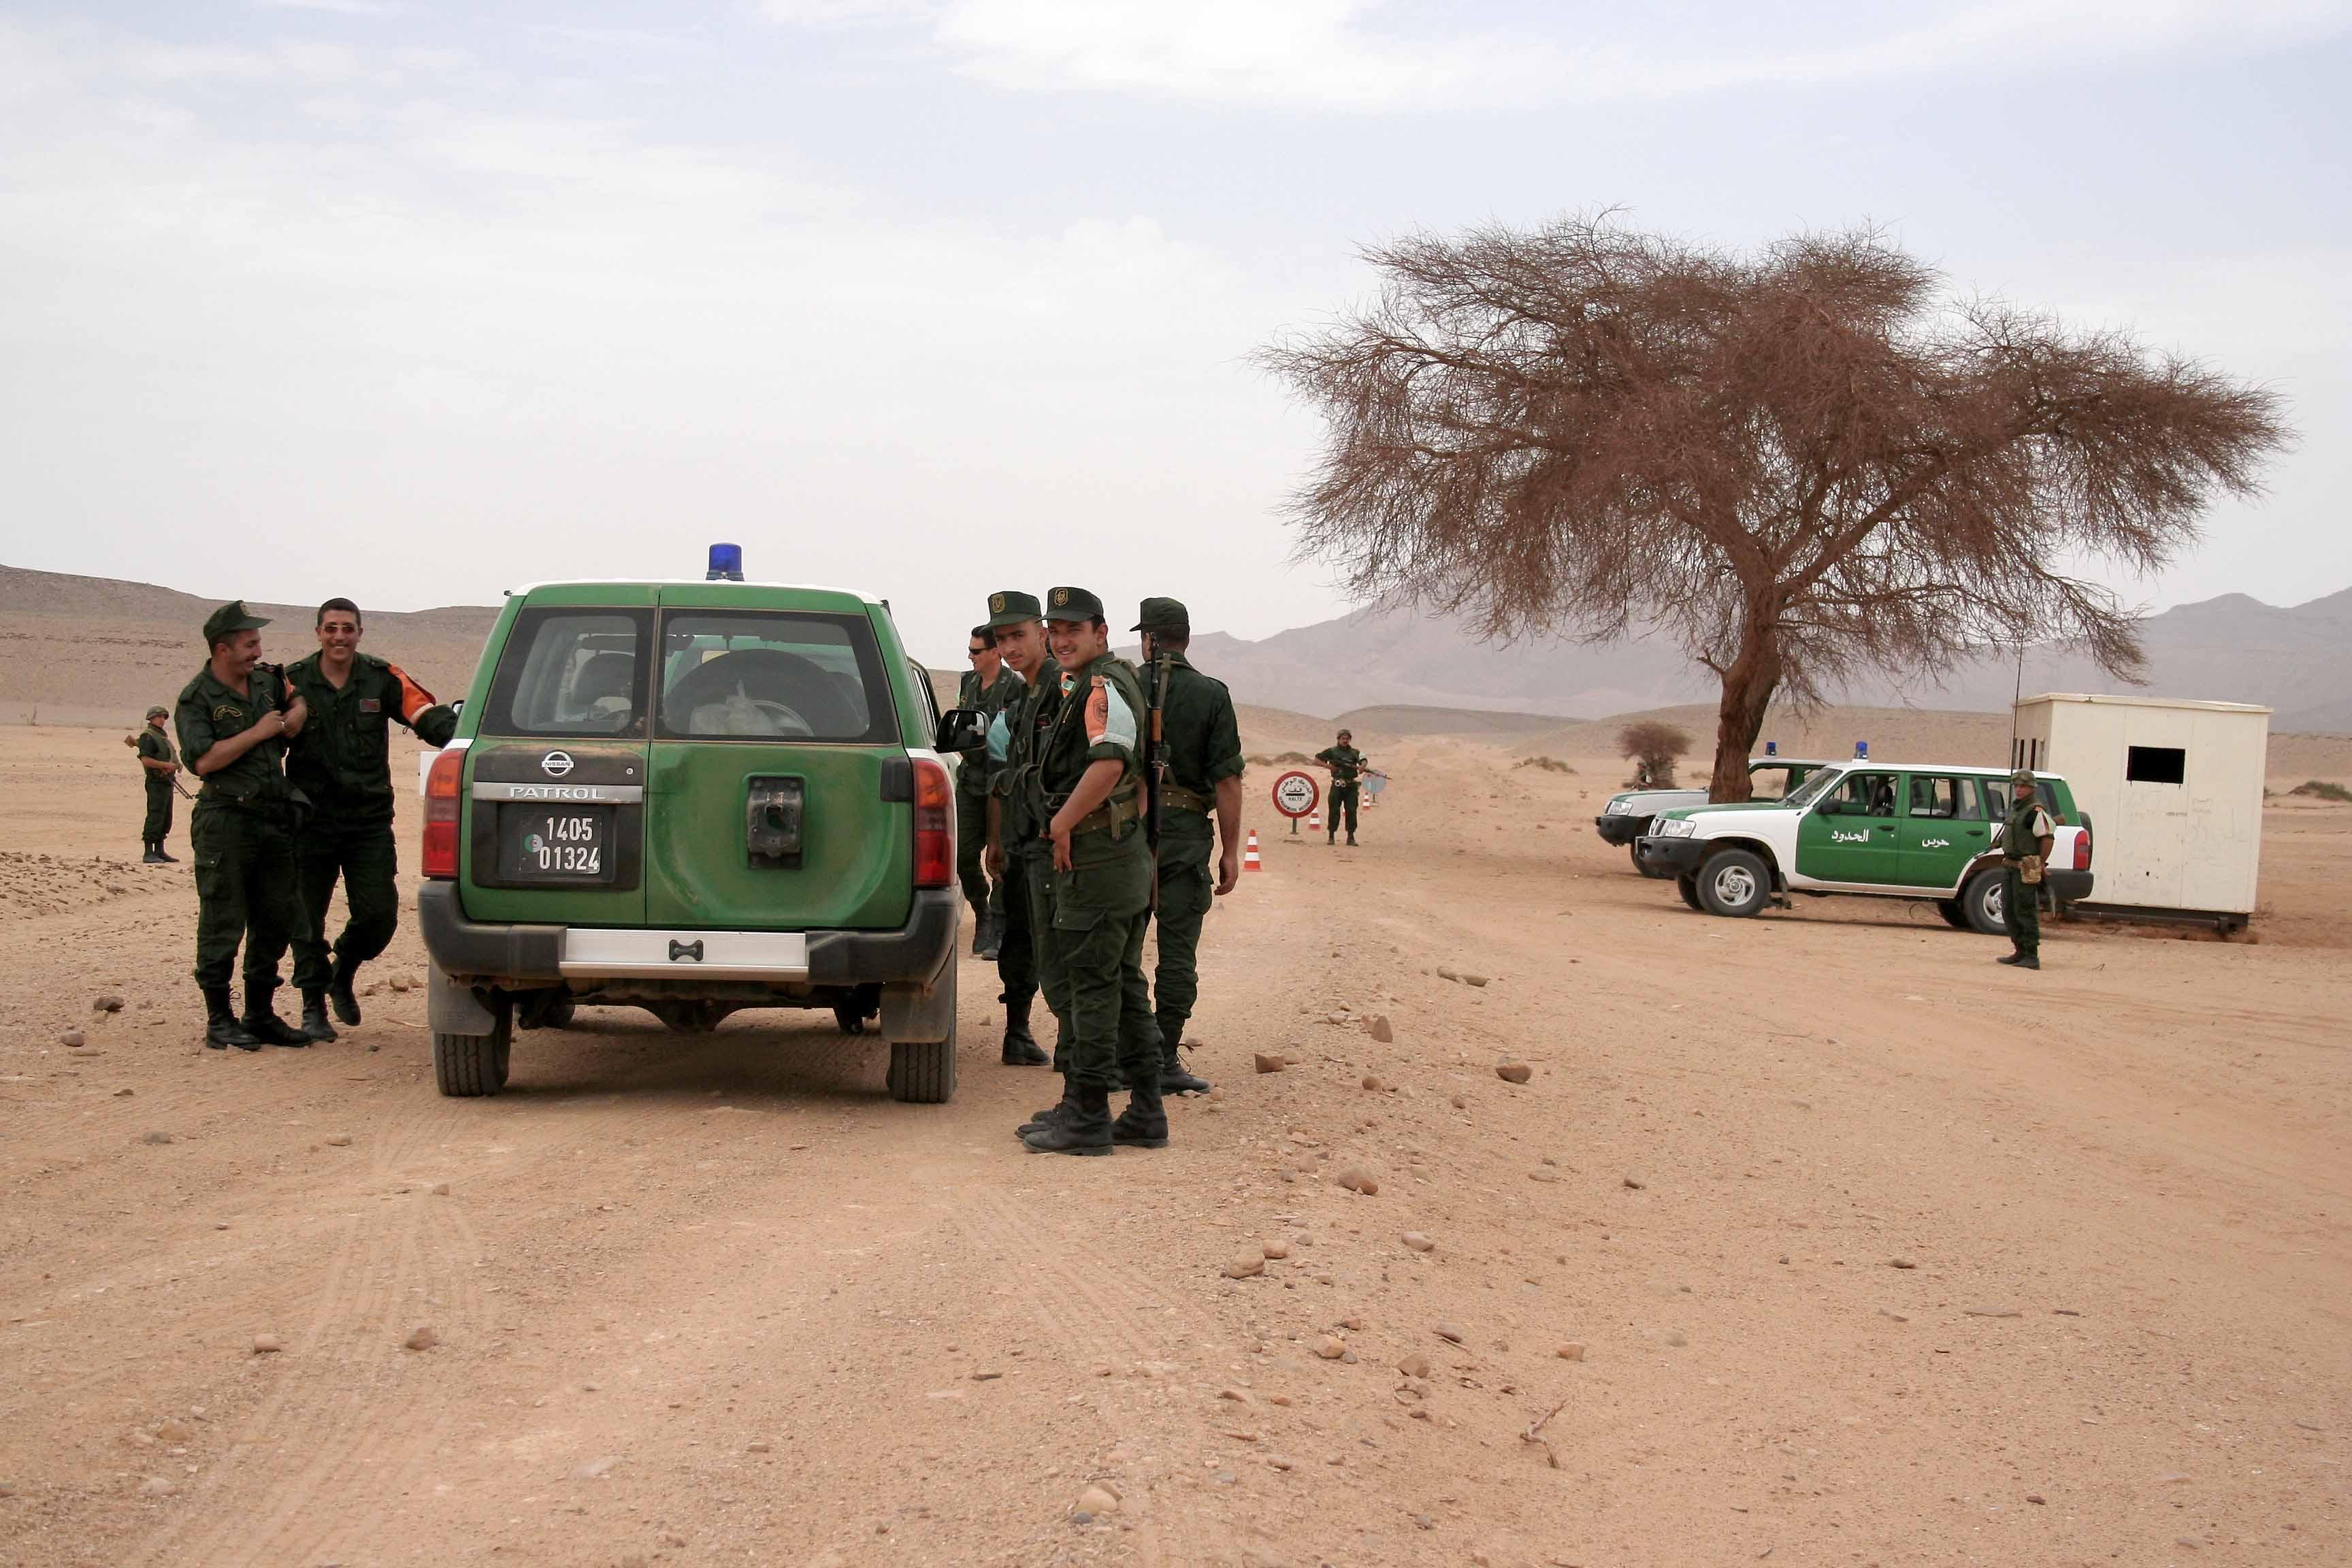 تونس تضبط اسلحة ووثائق لتنظيم الدولة الإسلامية على حدودها مع ليبيا